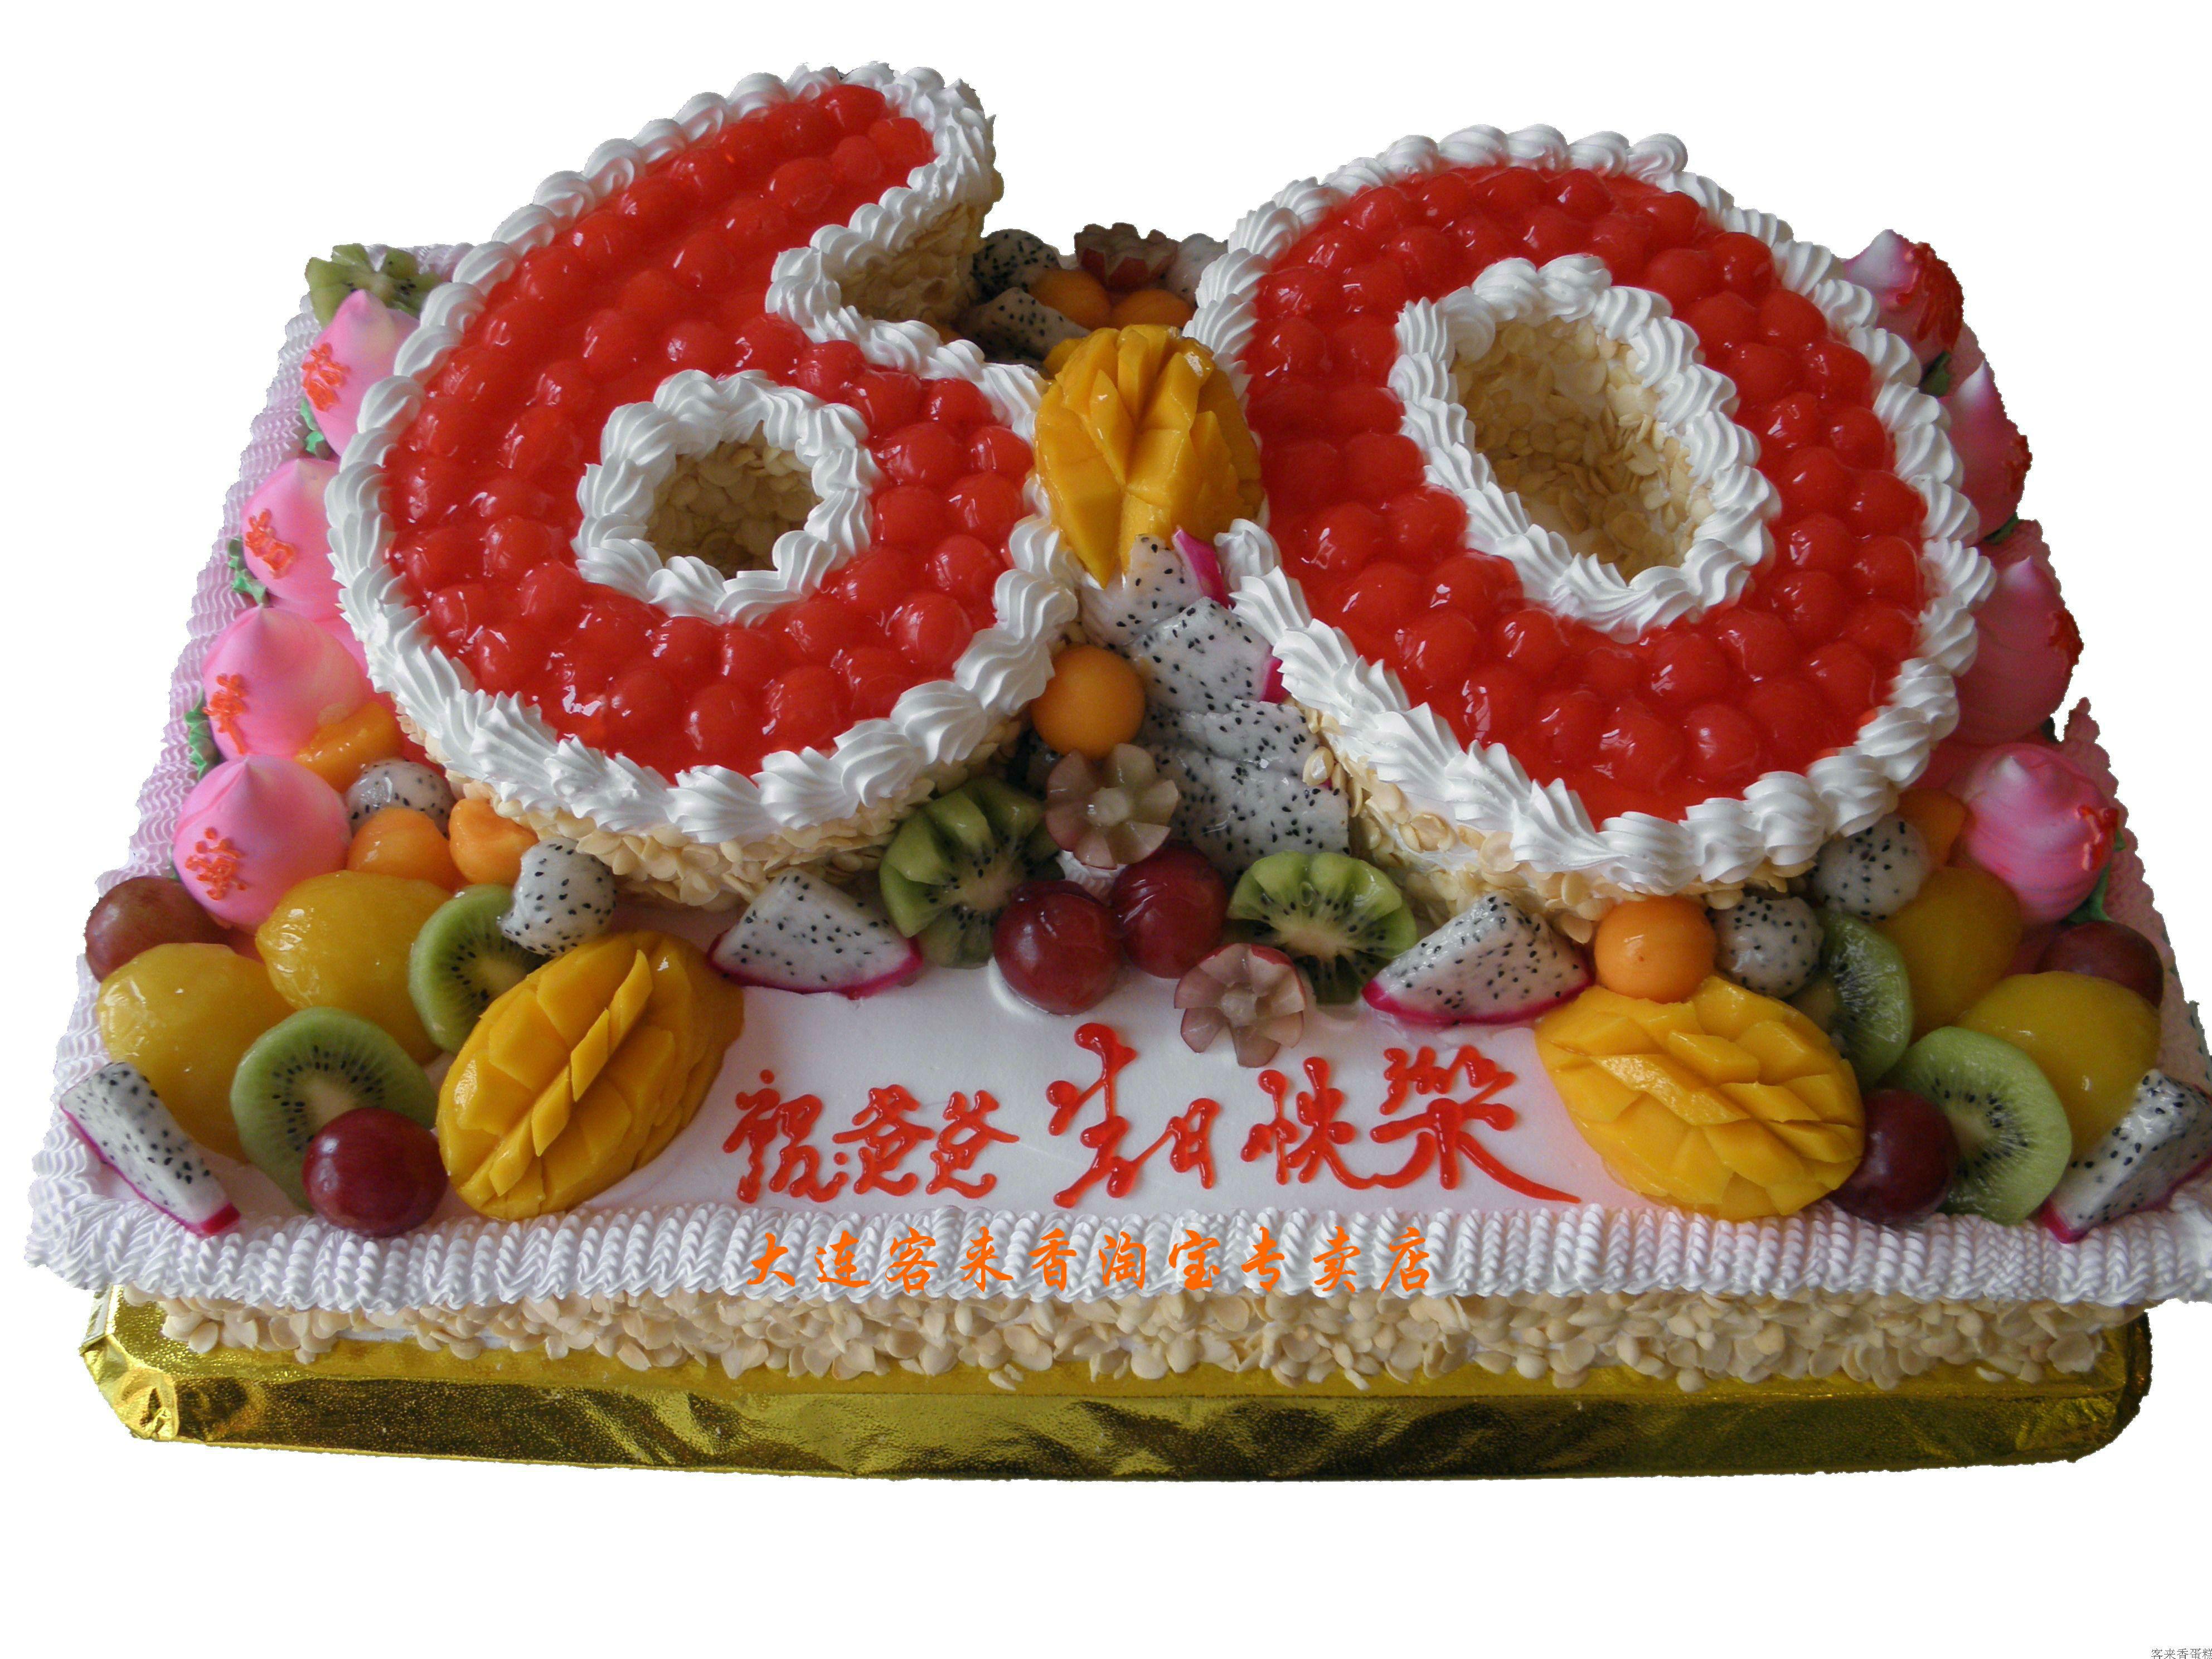 大连祝寿生日蛋糕速递/新鲜水果贺寿蛋糕9300/市内